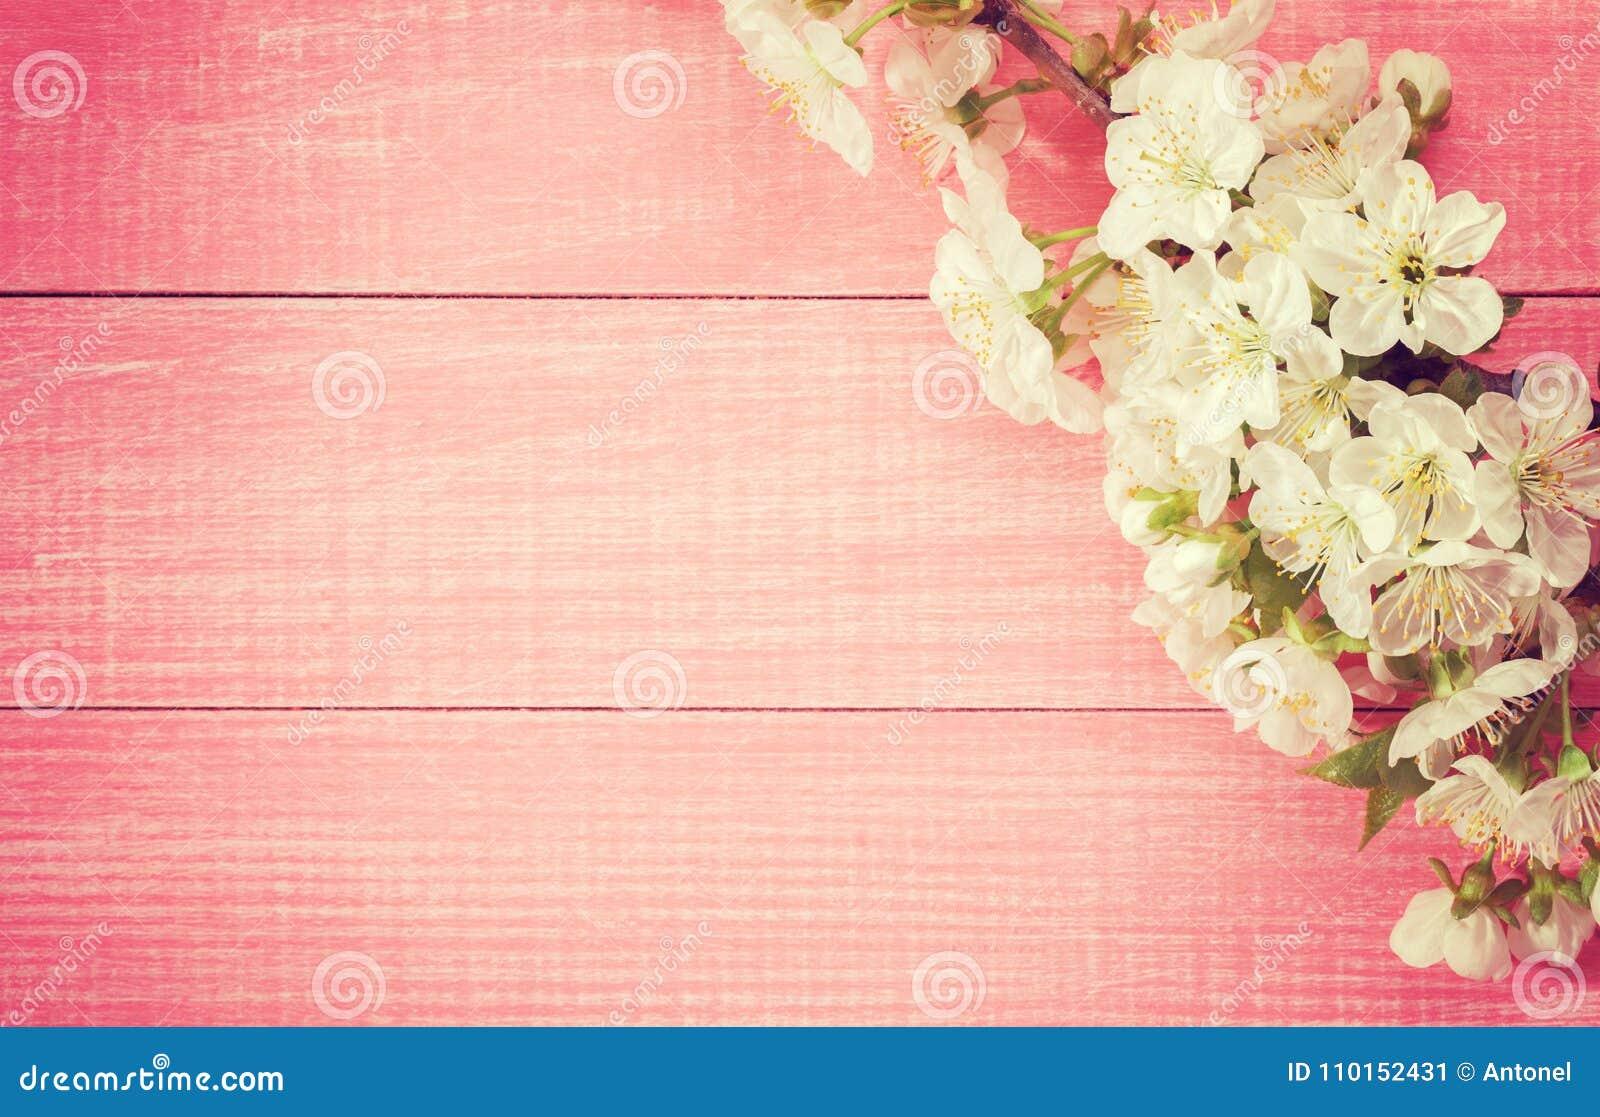 Rosa hölzerner Hintergrund mit blühender süßer Kirsche verzweigt sich Getontes Bild